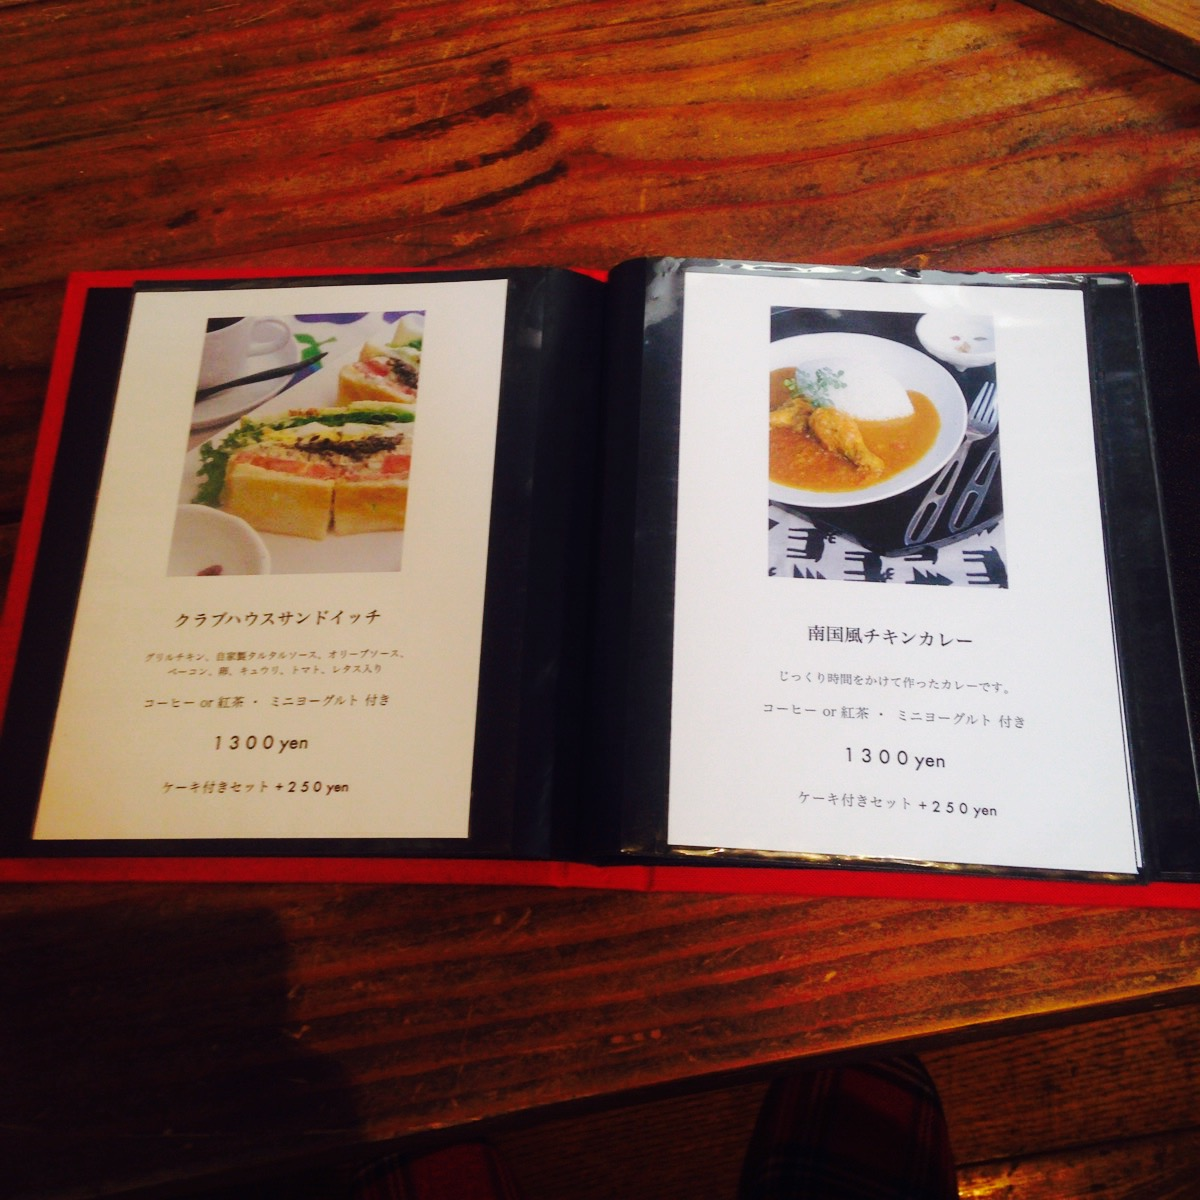 一人で読書をしたくなる素敵な古民家カフェ&ギャラリー『アンティグア』(千葉県流山市)